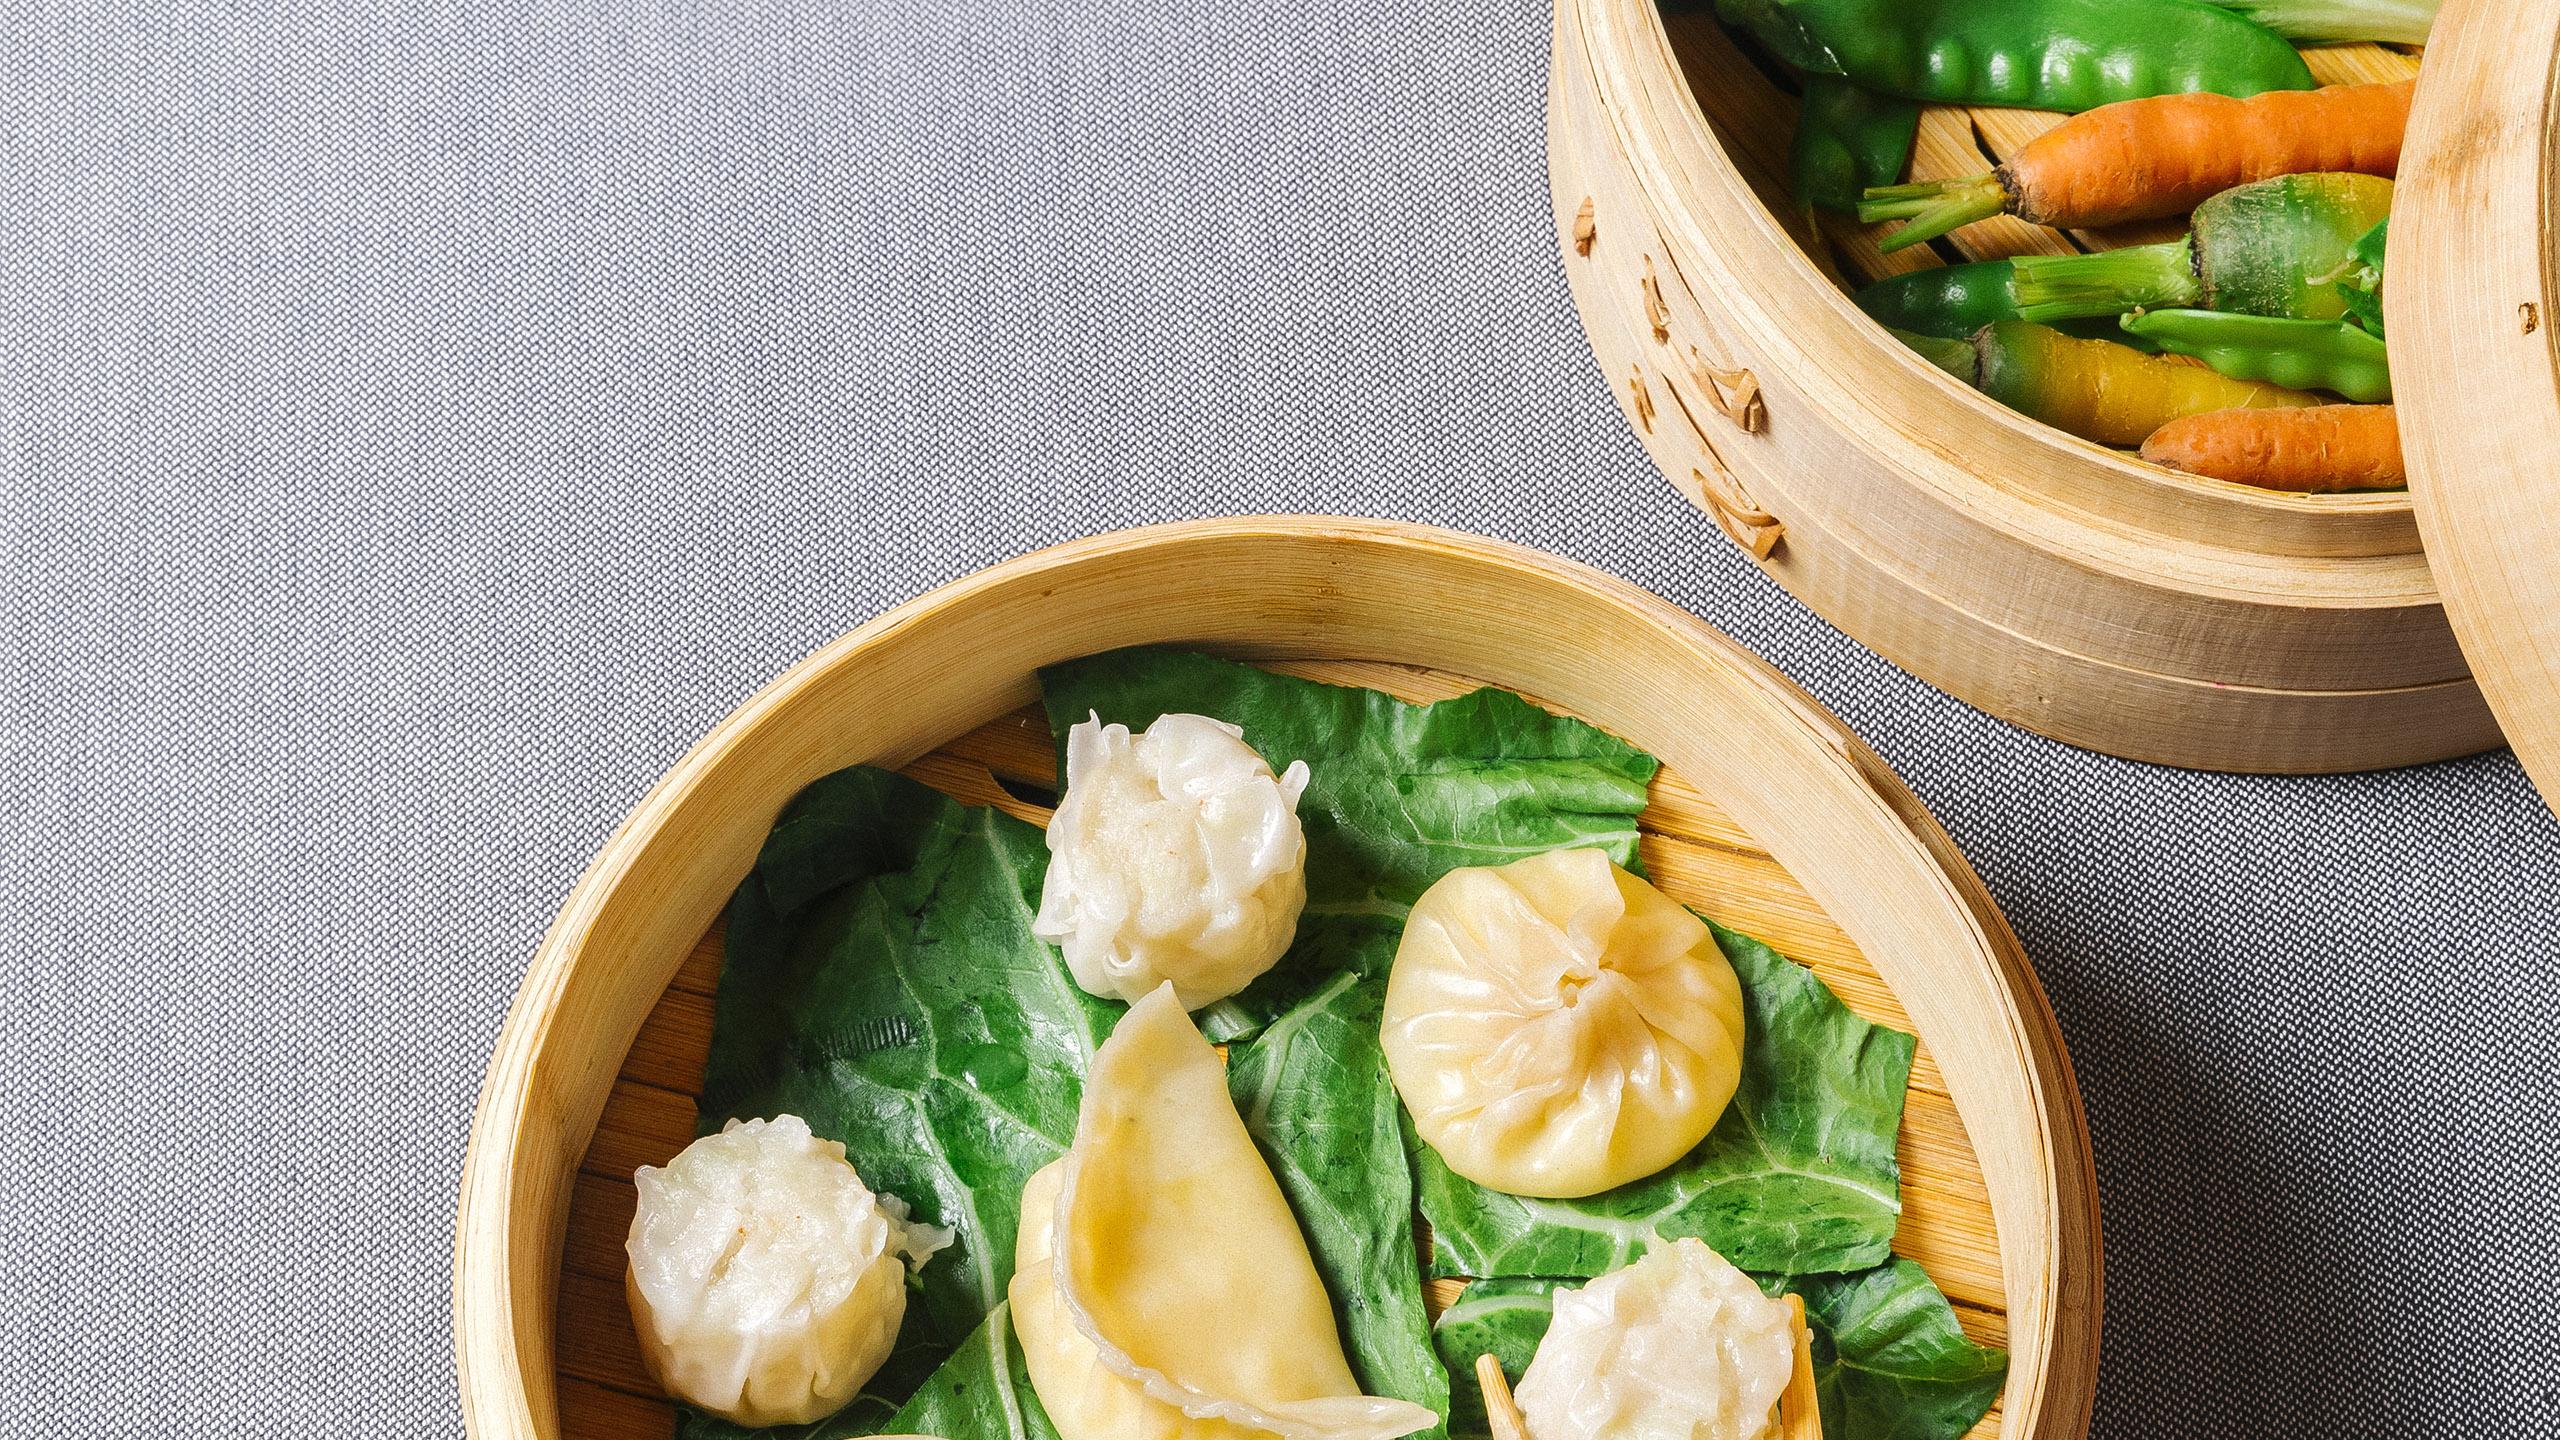 dumplings, vaporera, vaporera de bambú